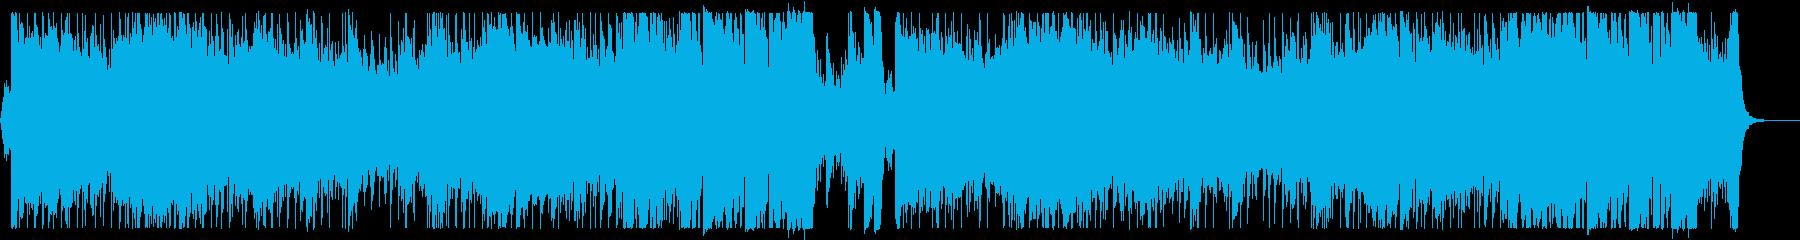 アグレッシブな和風シンフォニックの再生済みの波形